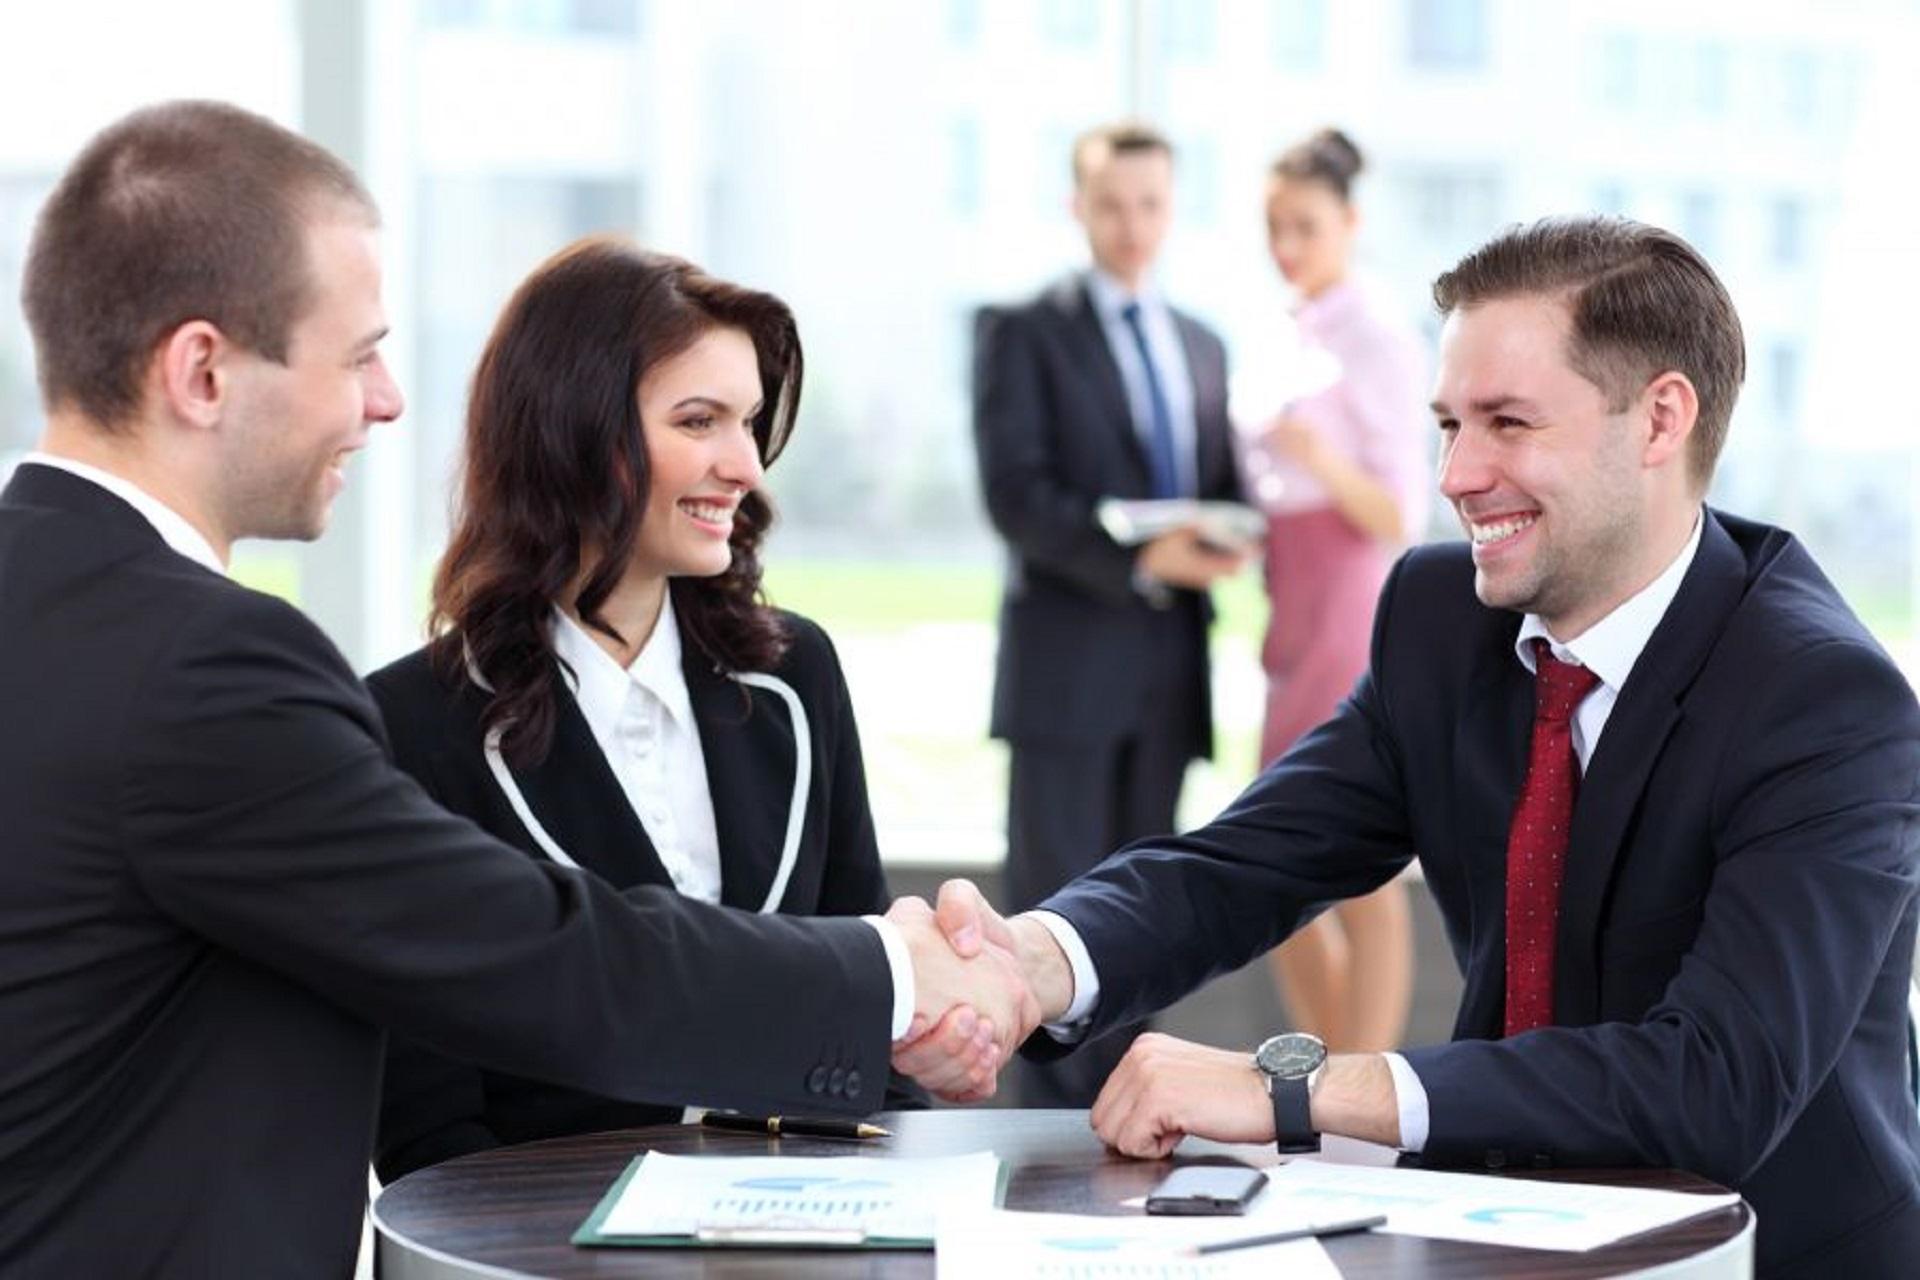 Các kỹ năng cần có của nhân viên sale chuyên nghiệp